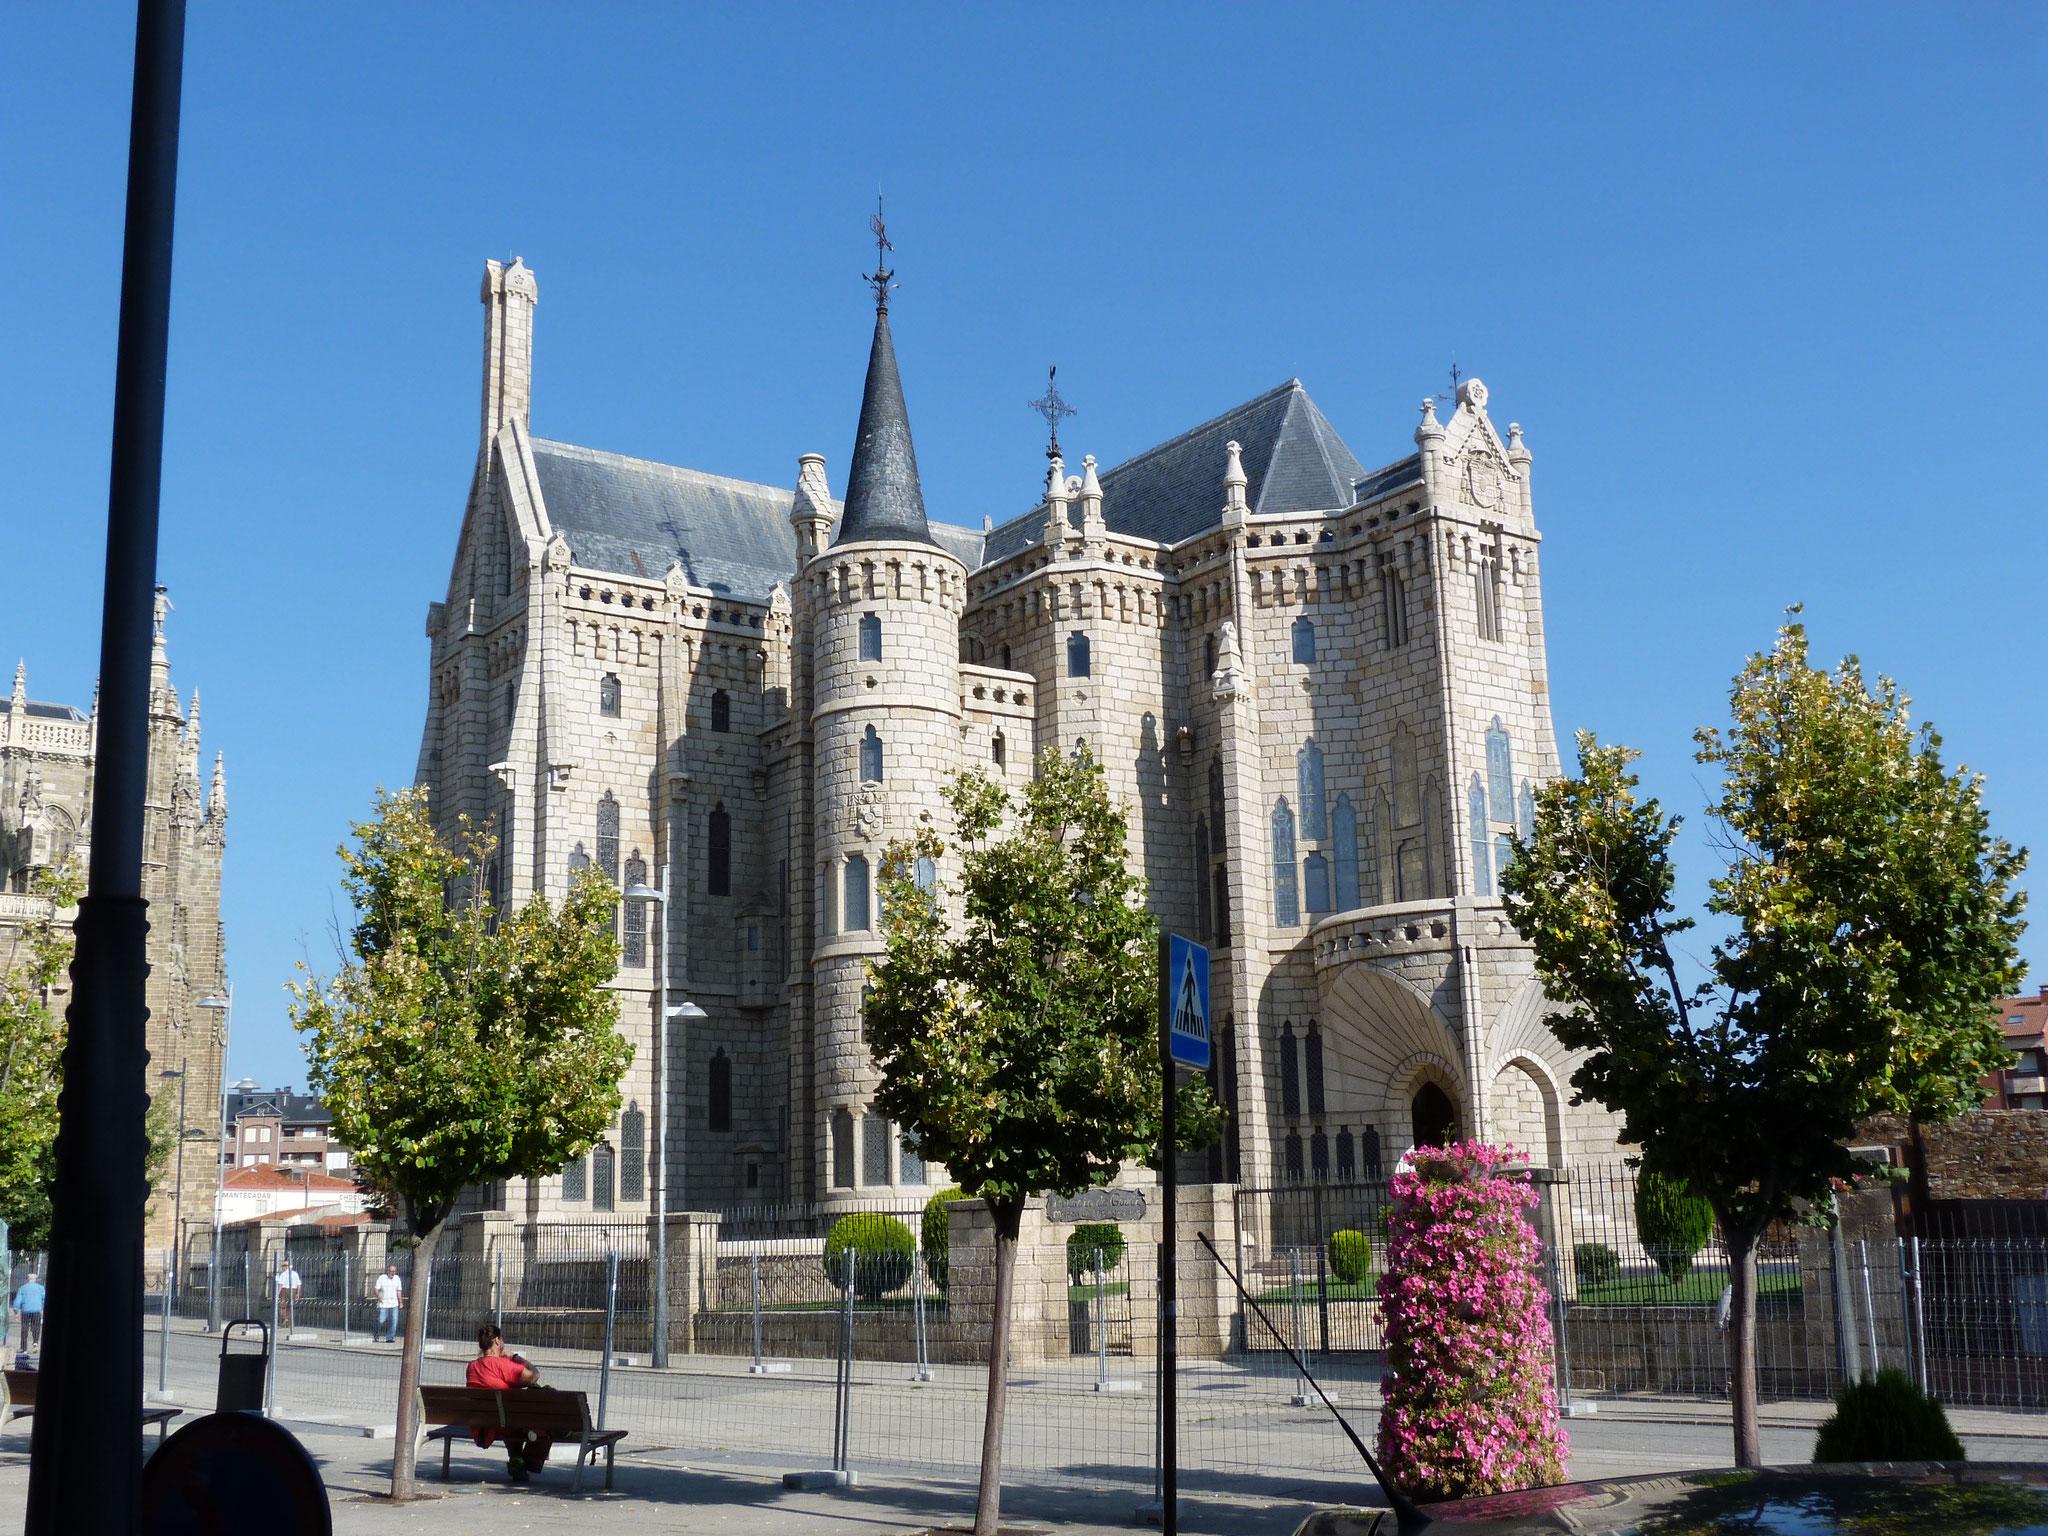 Bischofspalast von Antonio Gaudi